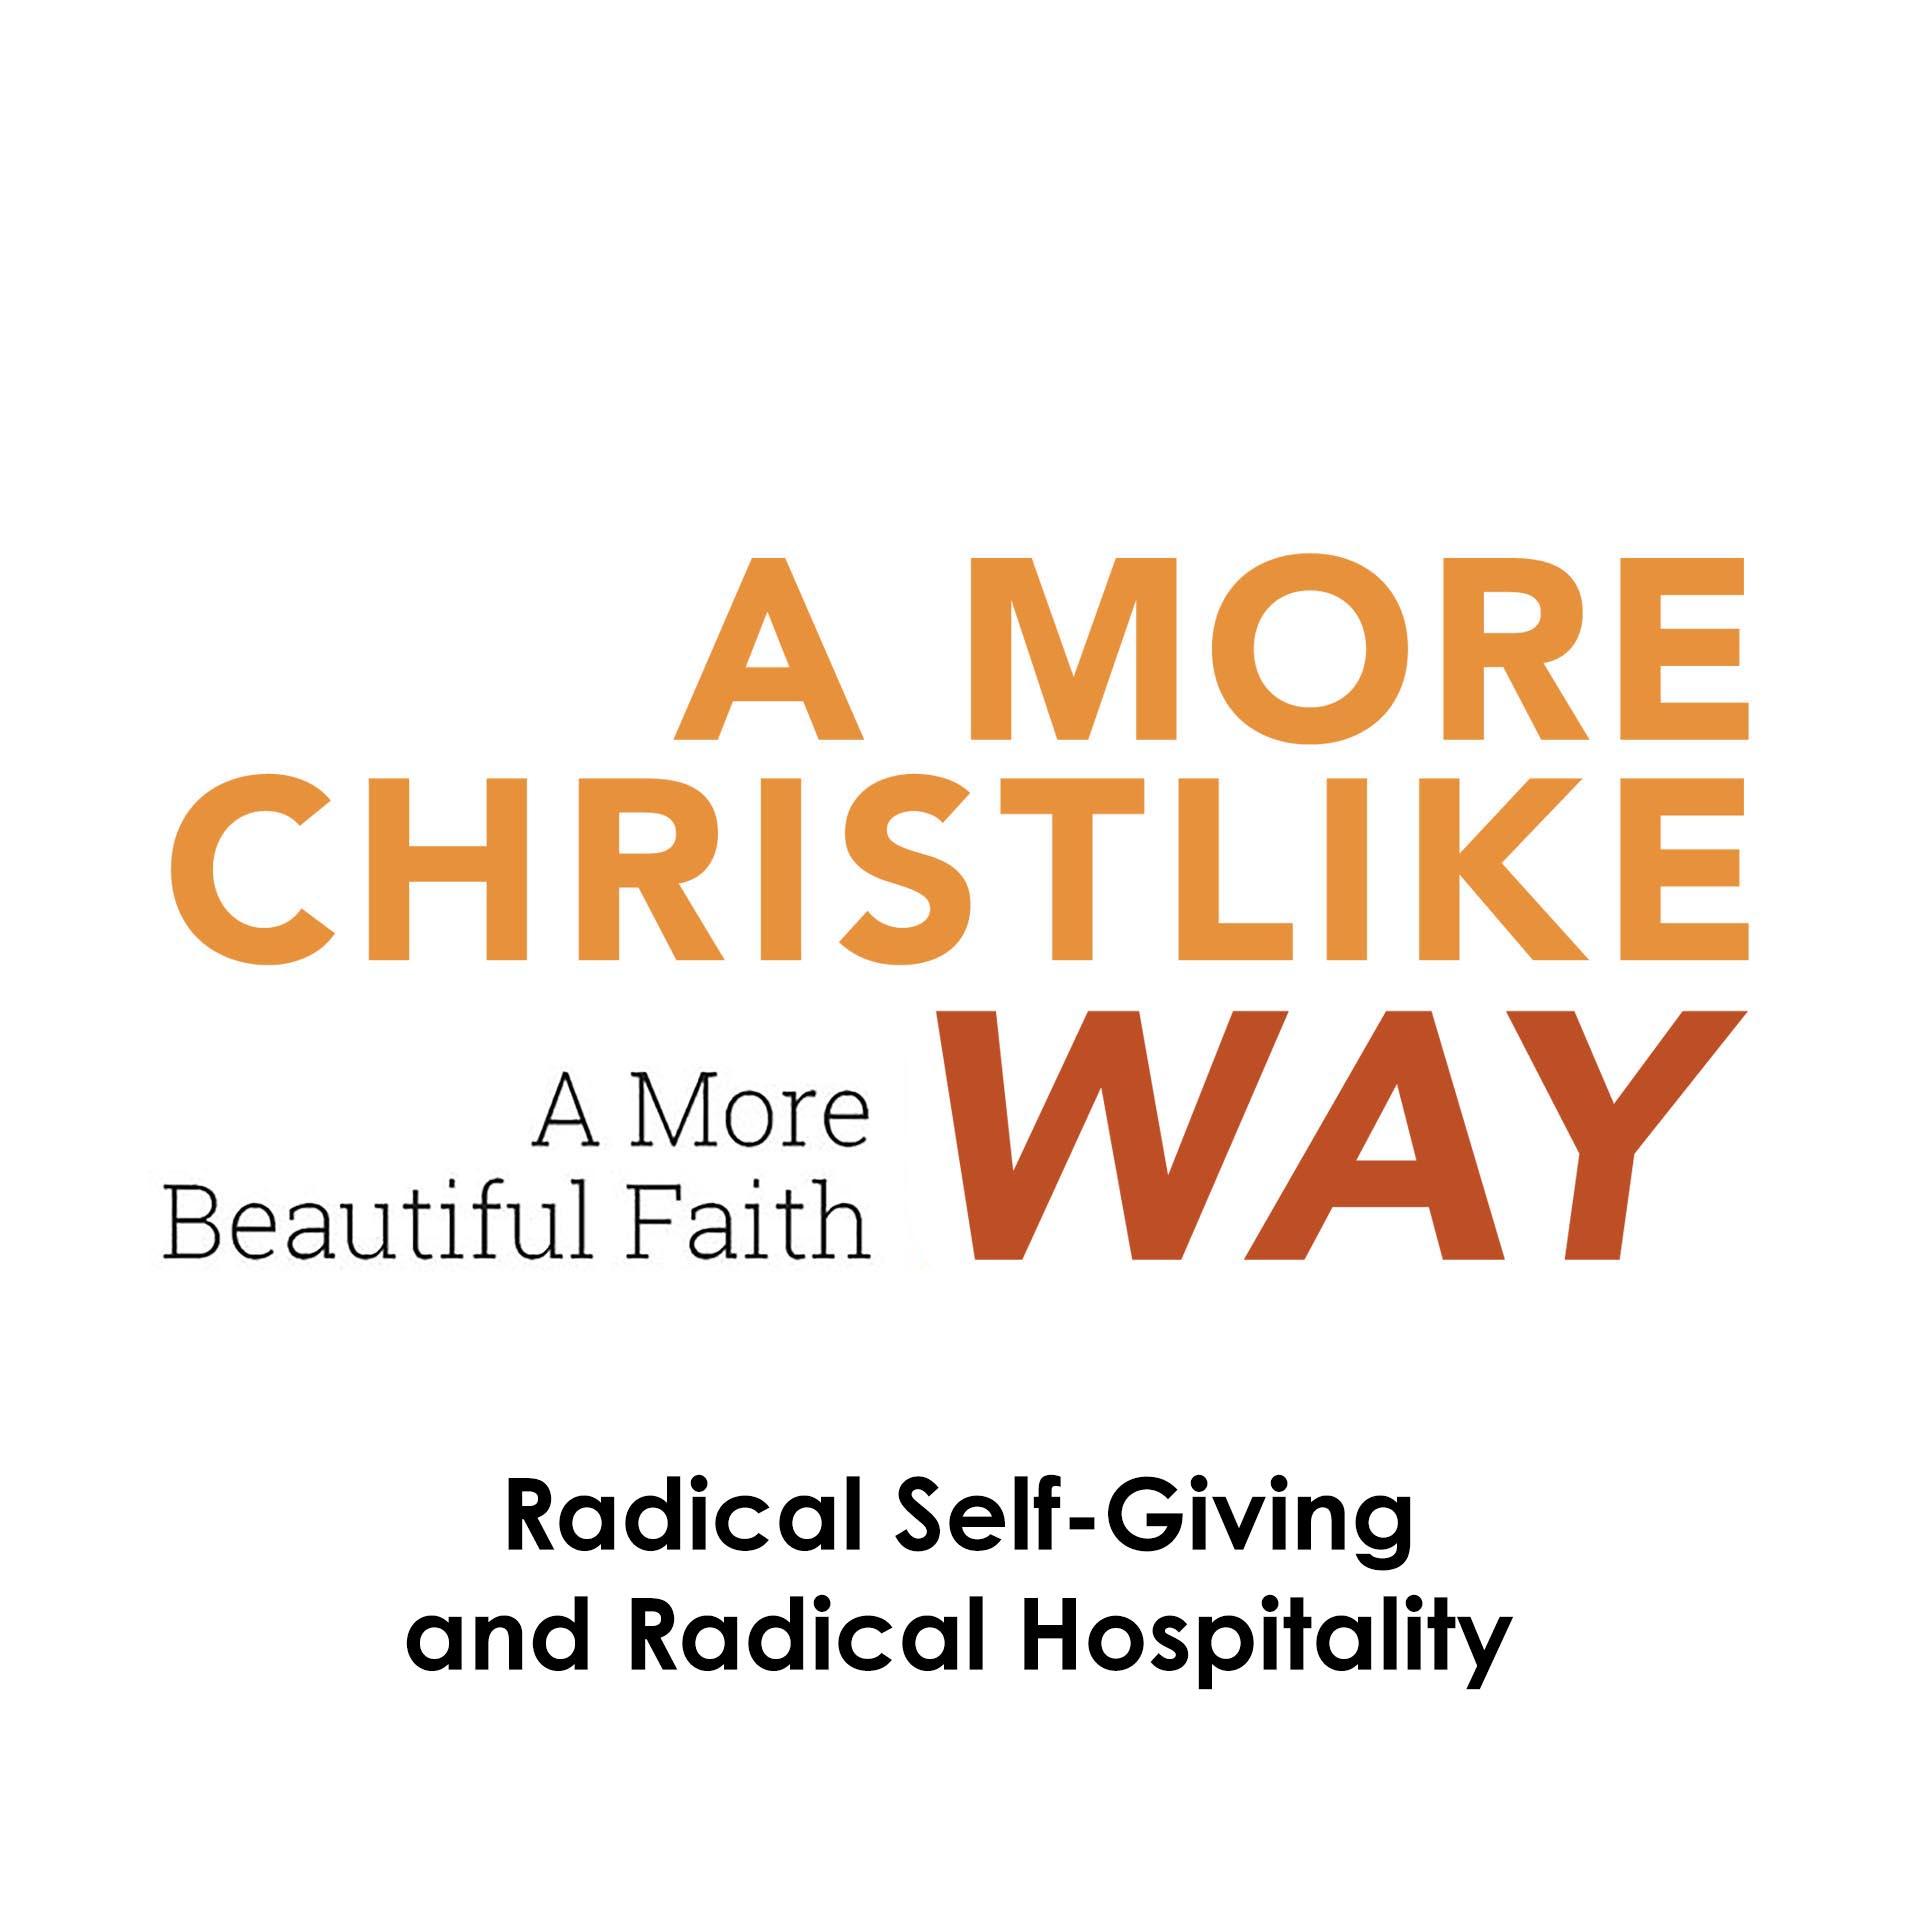 A More Christlike Way: Radical Self-Giving and Radical Hospitality